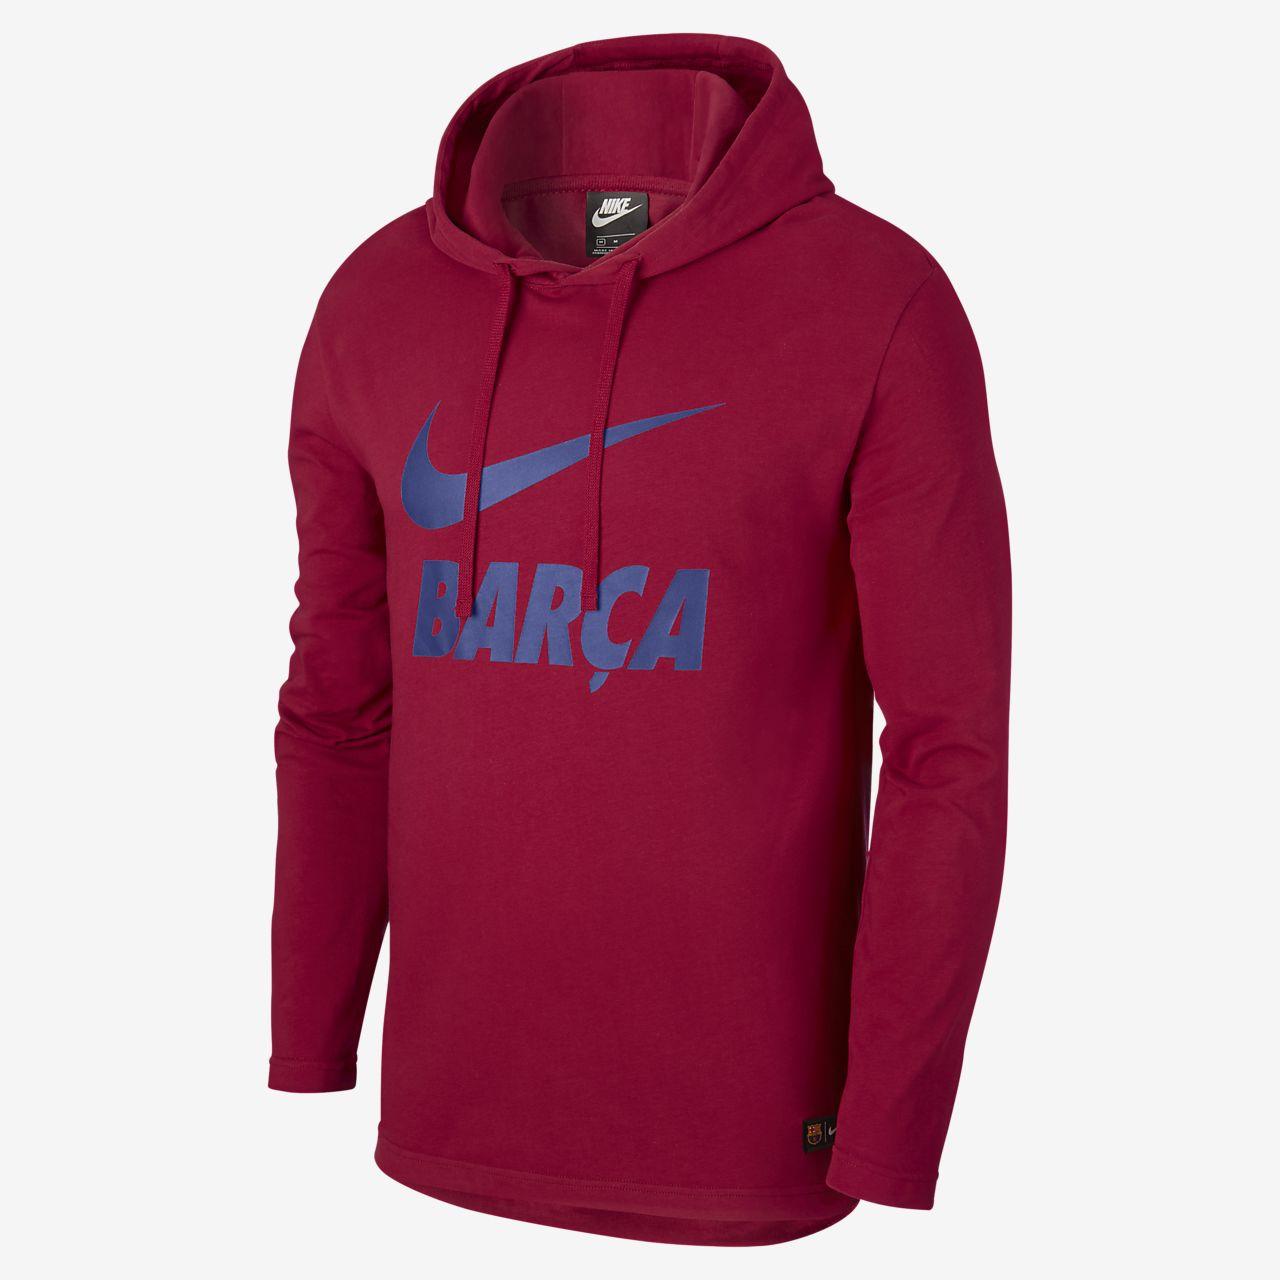 FC Barcelona Sudadera con capucha - Hombre. Nike.com ES 2595047993f